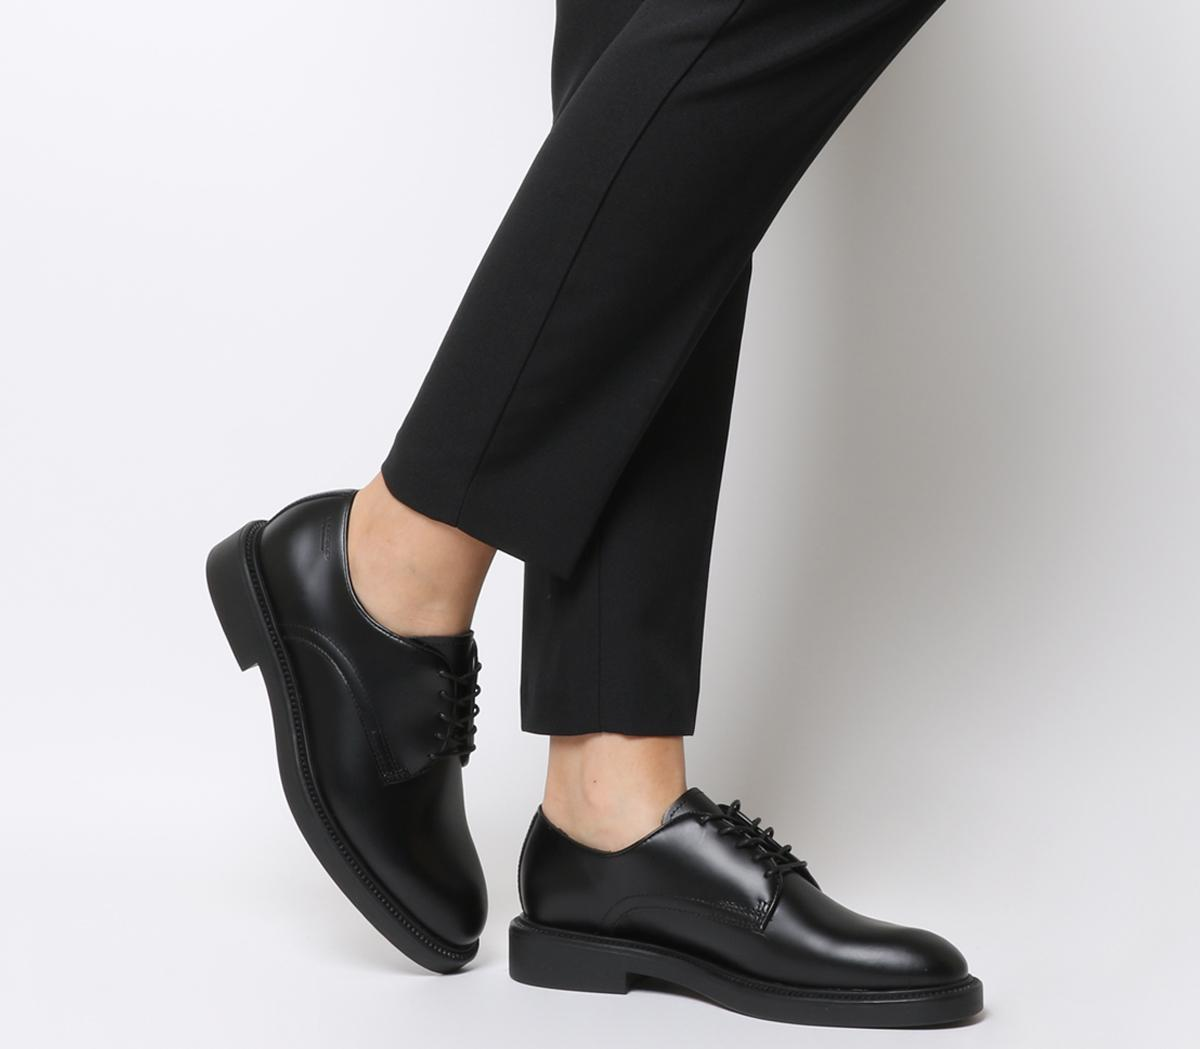 Vagabond Alex W Shoe Black Leather - Flats